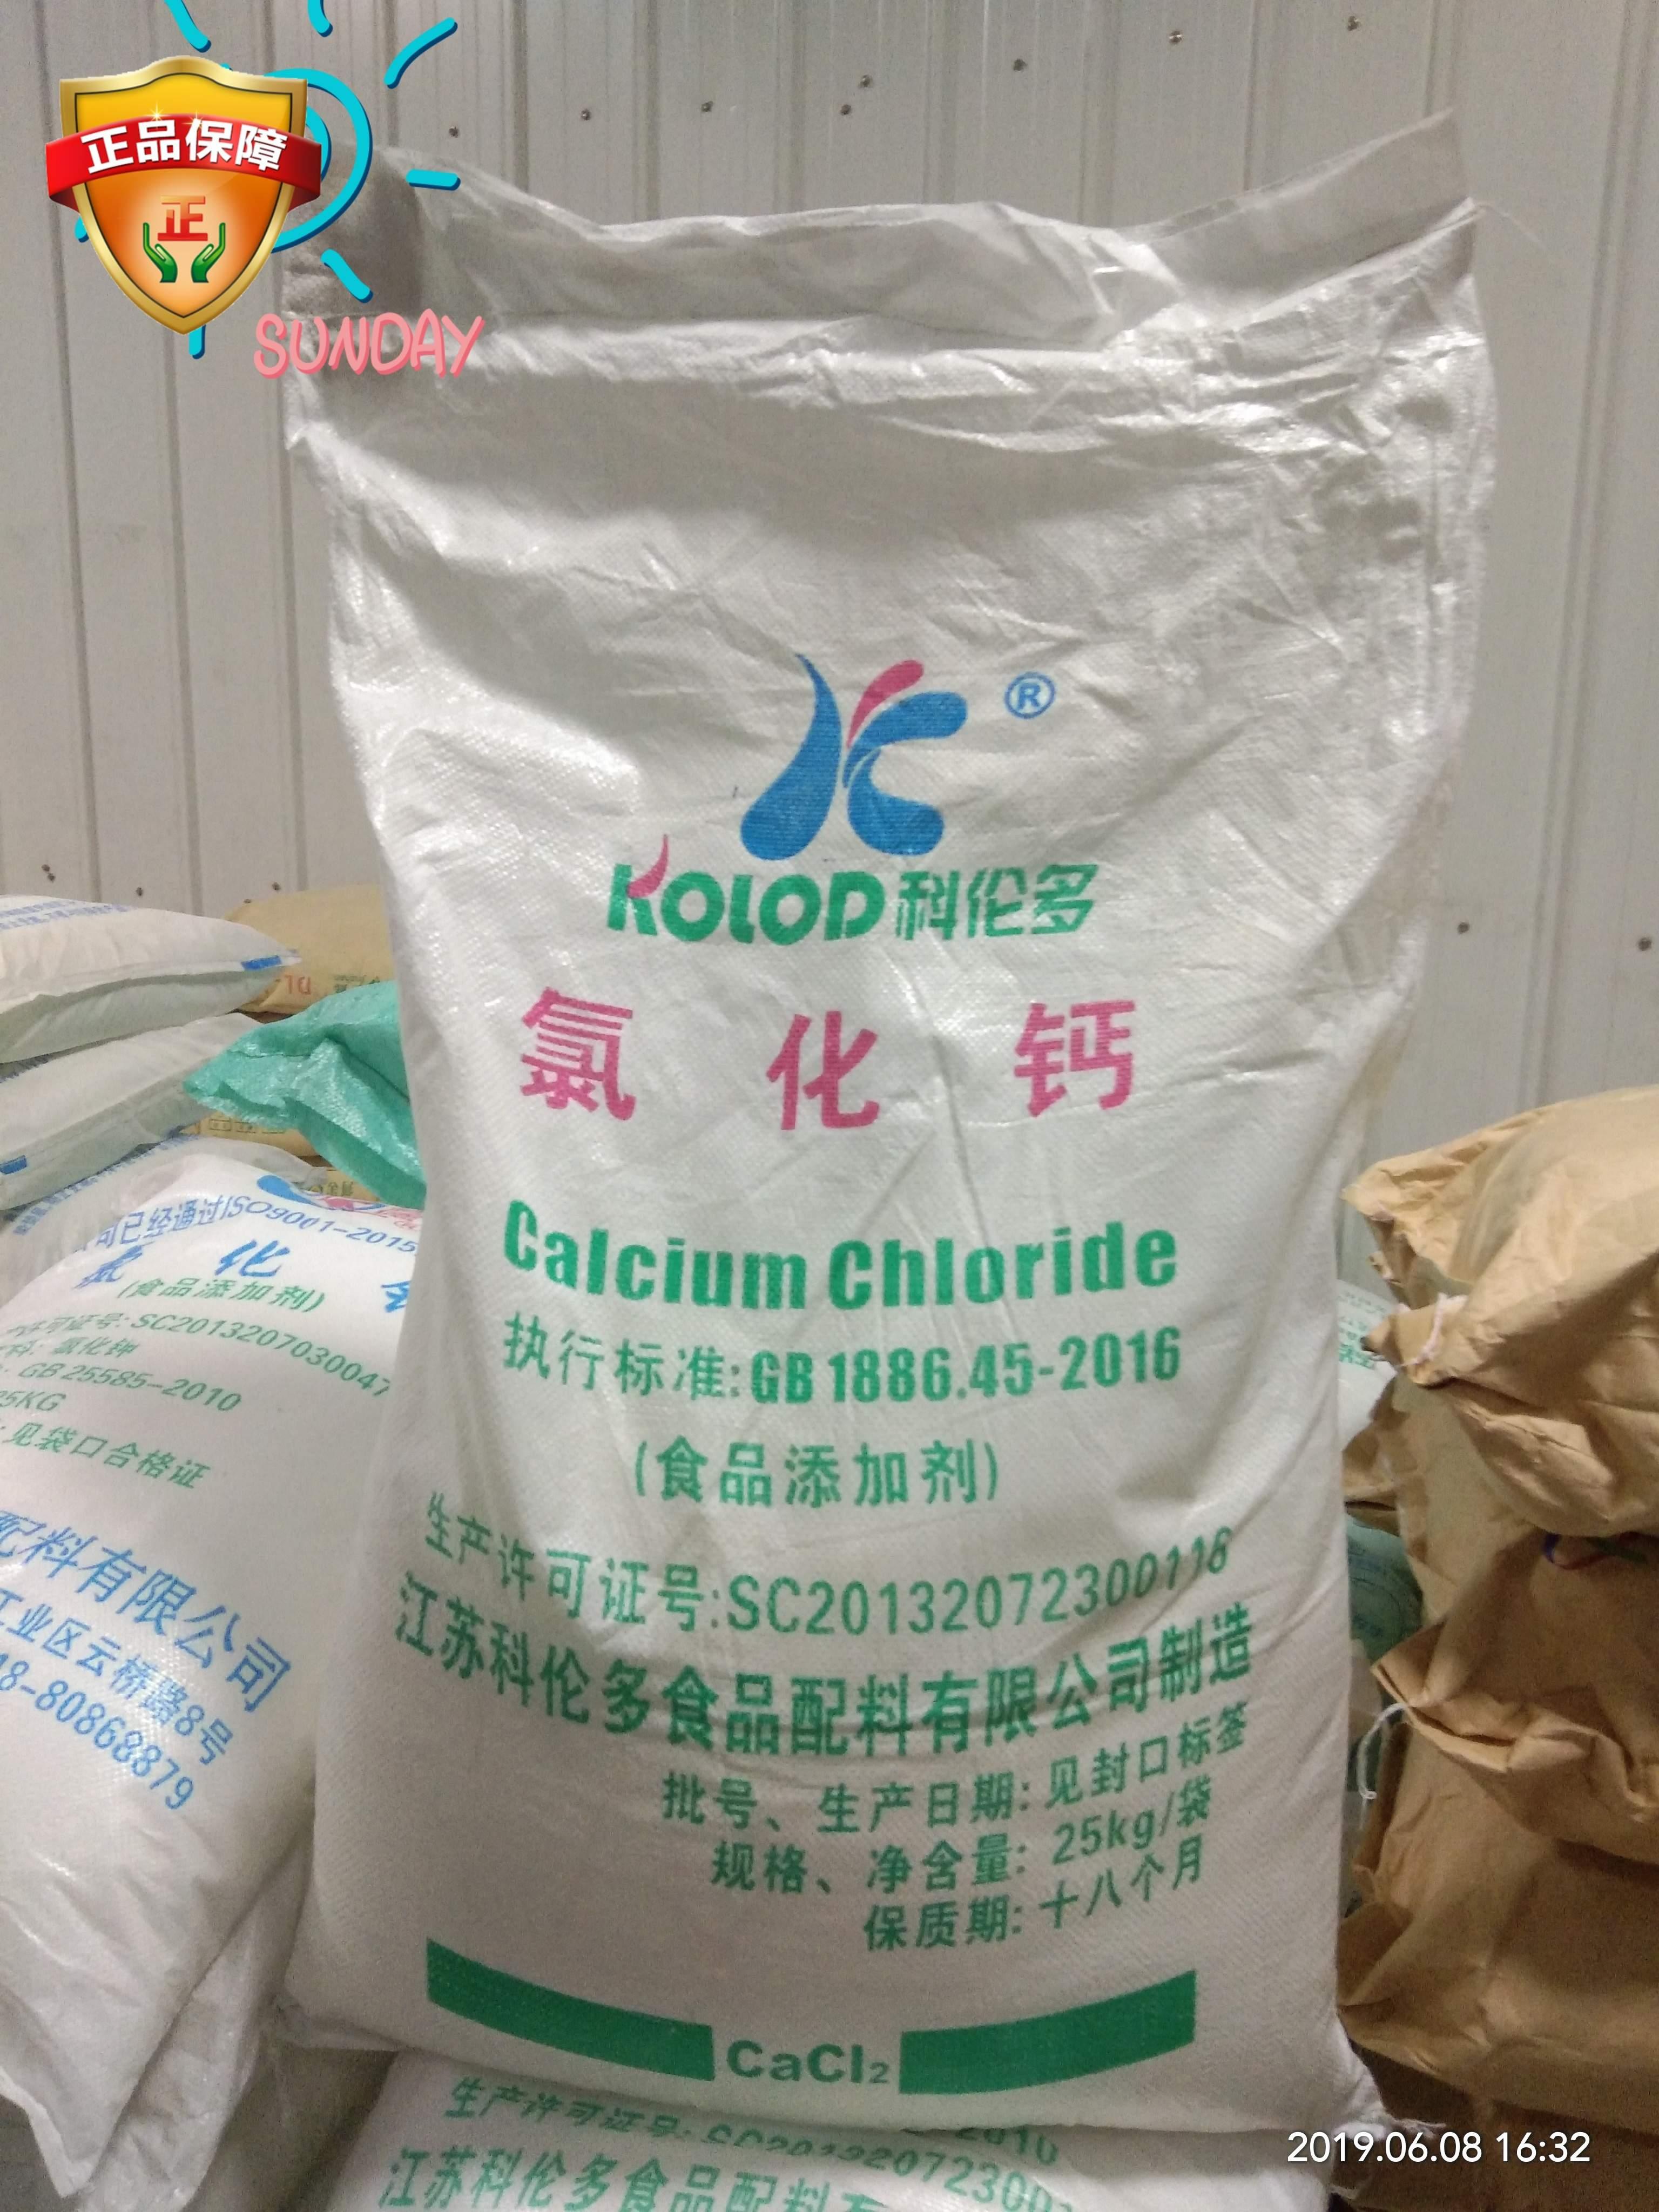 食用氯化钙 海蜇丝凝固剂 稳定剂豆制品固化剂 钙质强化加工助剂